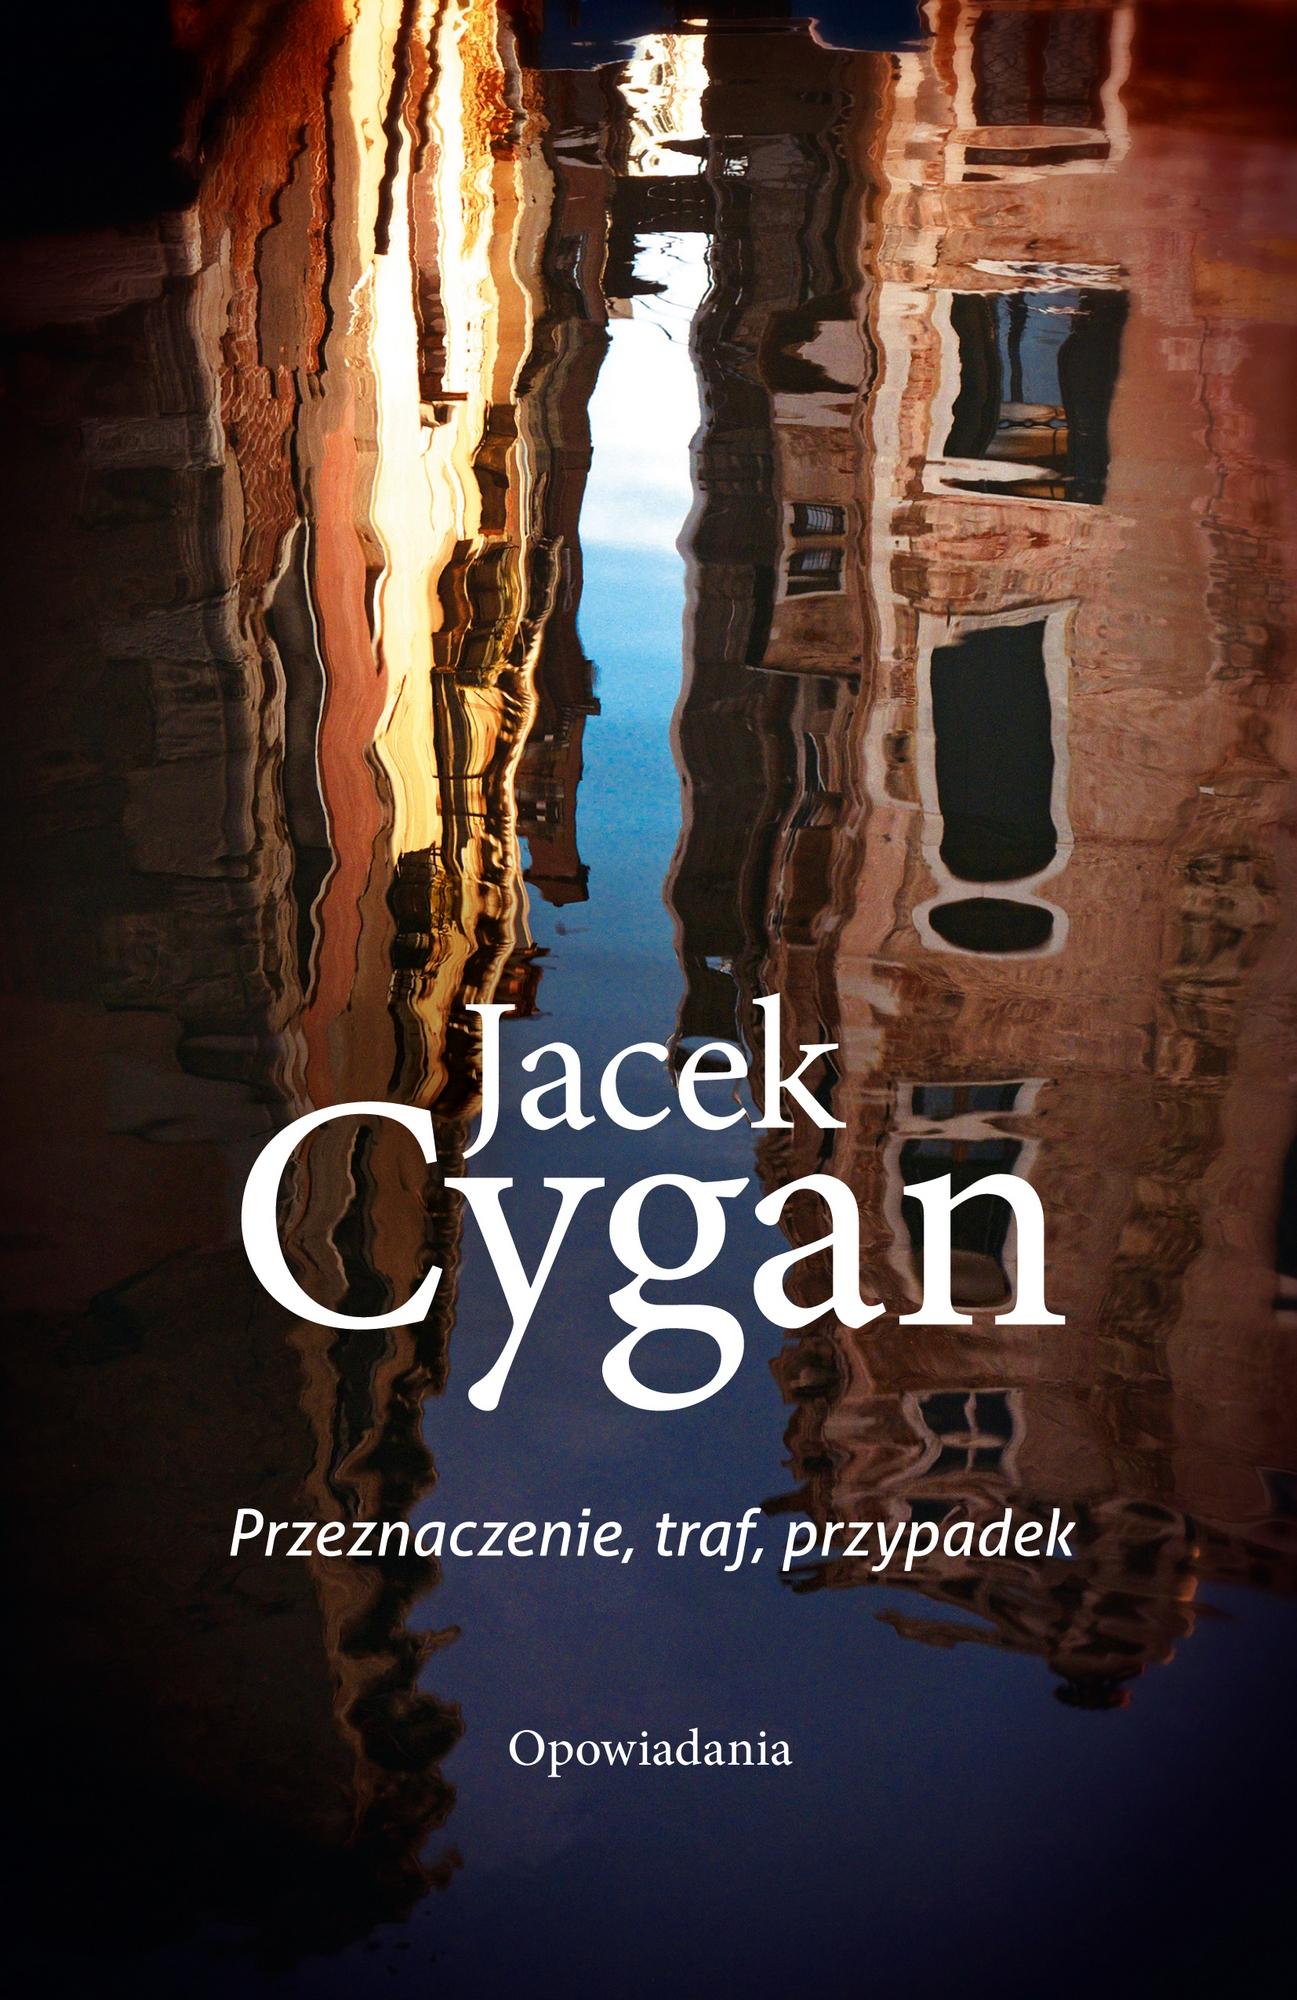 """Jacek Cygan, """"Przeznaczenie, traf, przypadek"""" – okładka (źródło: materiały prasowe)"""